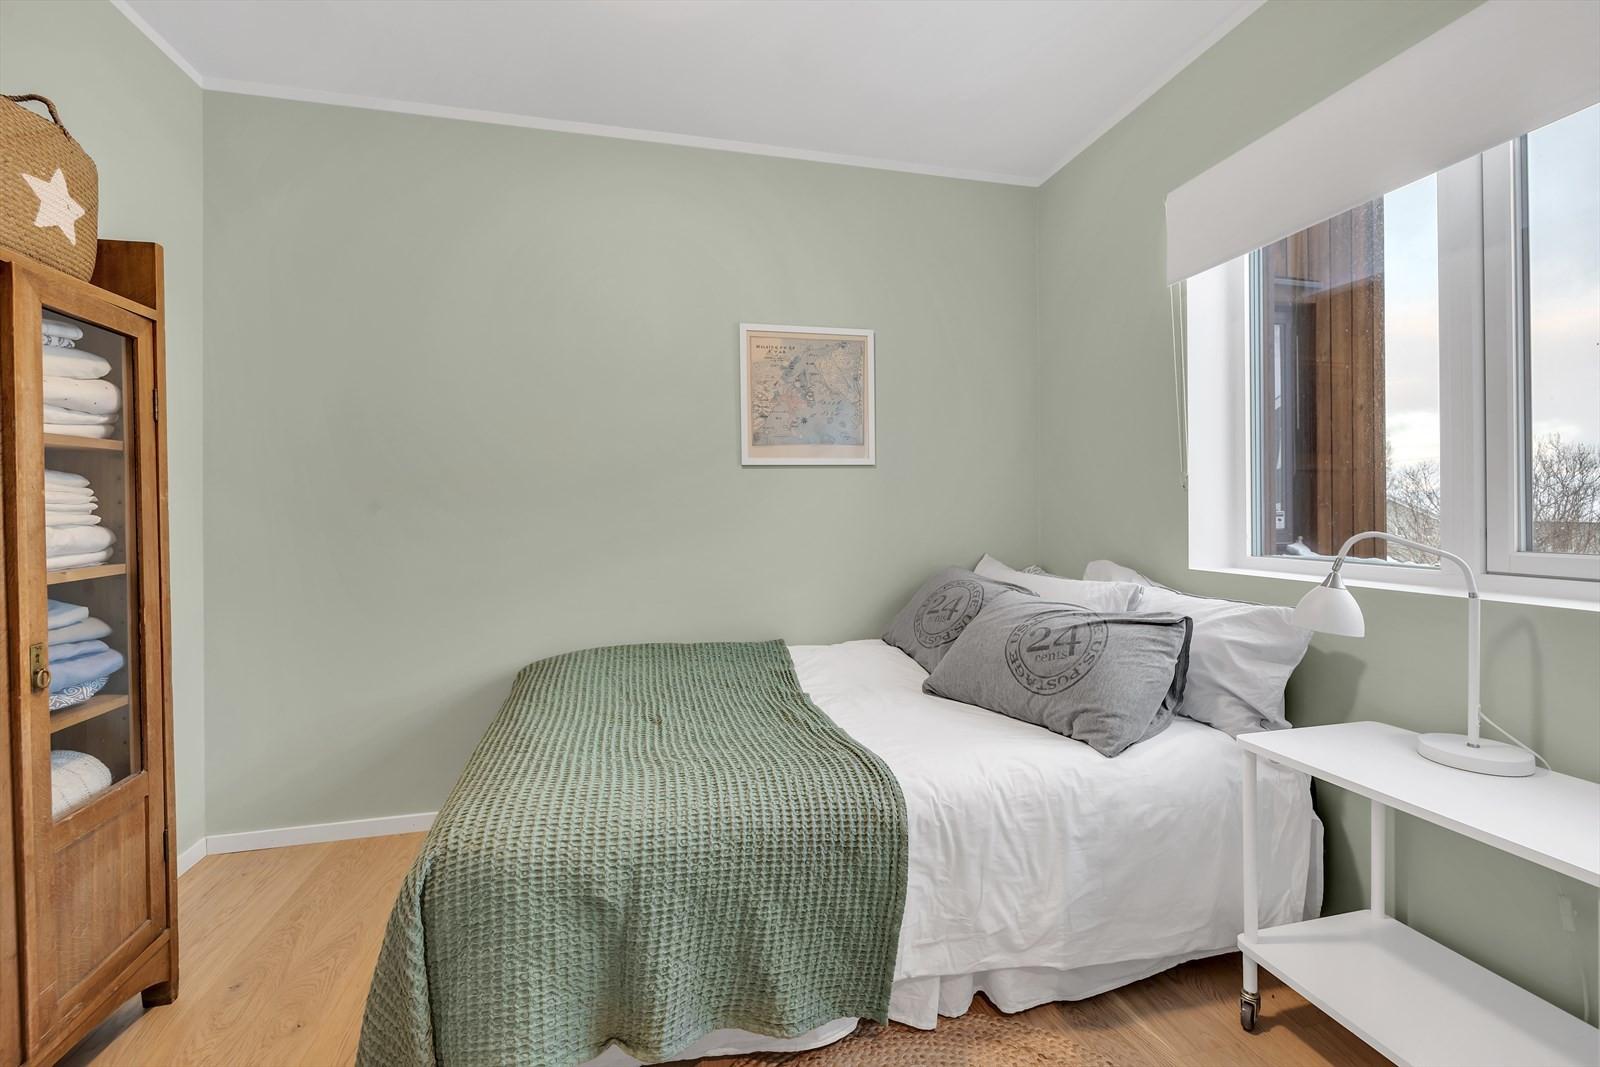 Soverommet er malt opp i moderne farger. Fin èn-stavs parkett på gulvet.